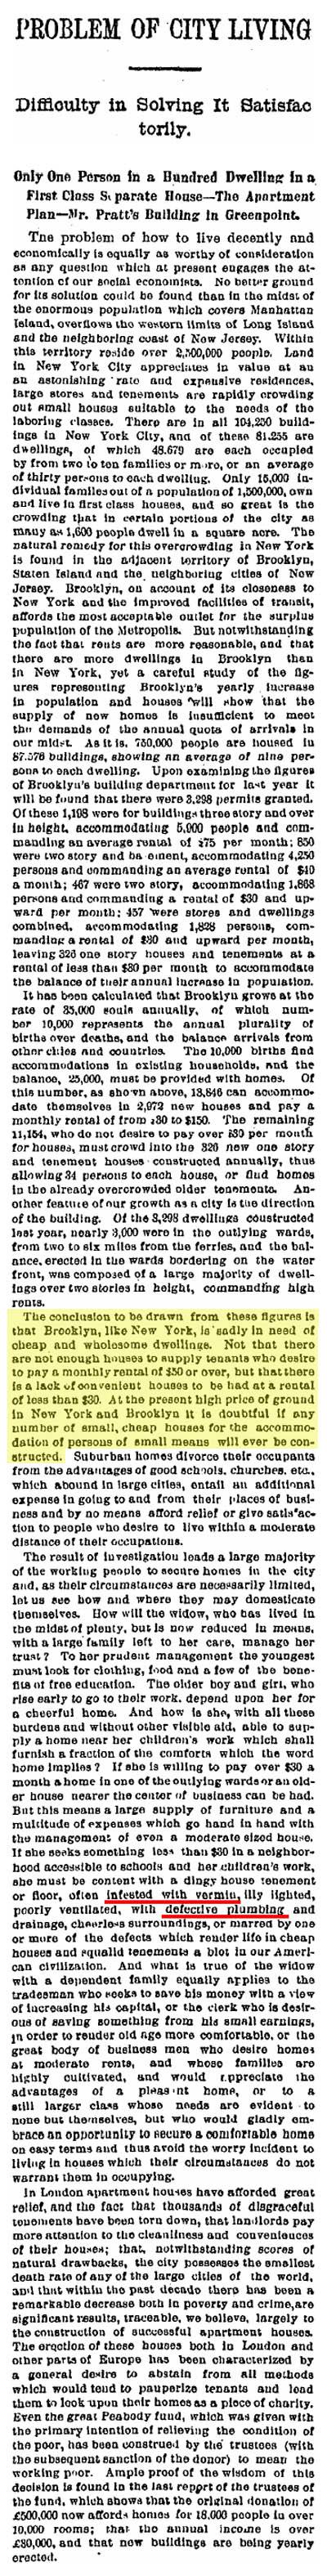 Brooklyn Daily Eagle 12/5/1886